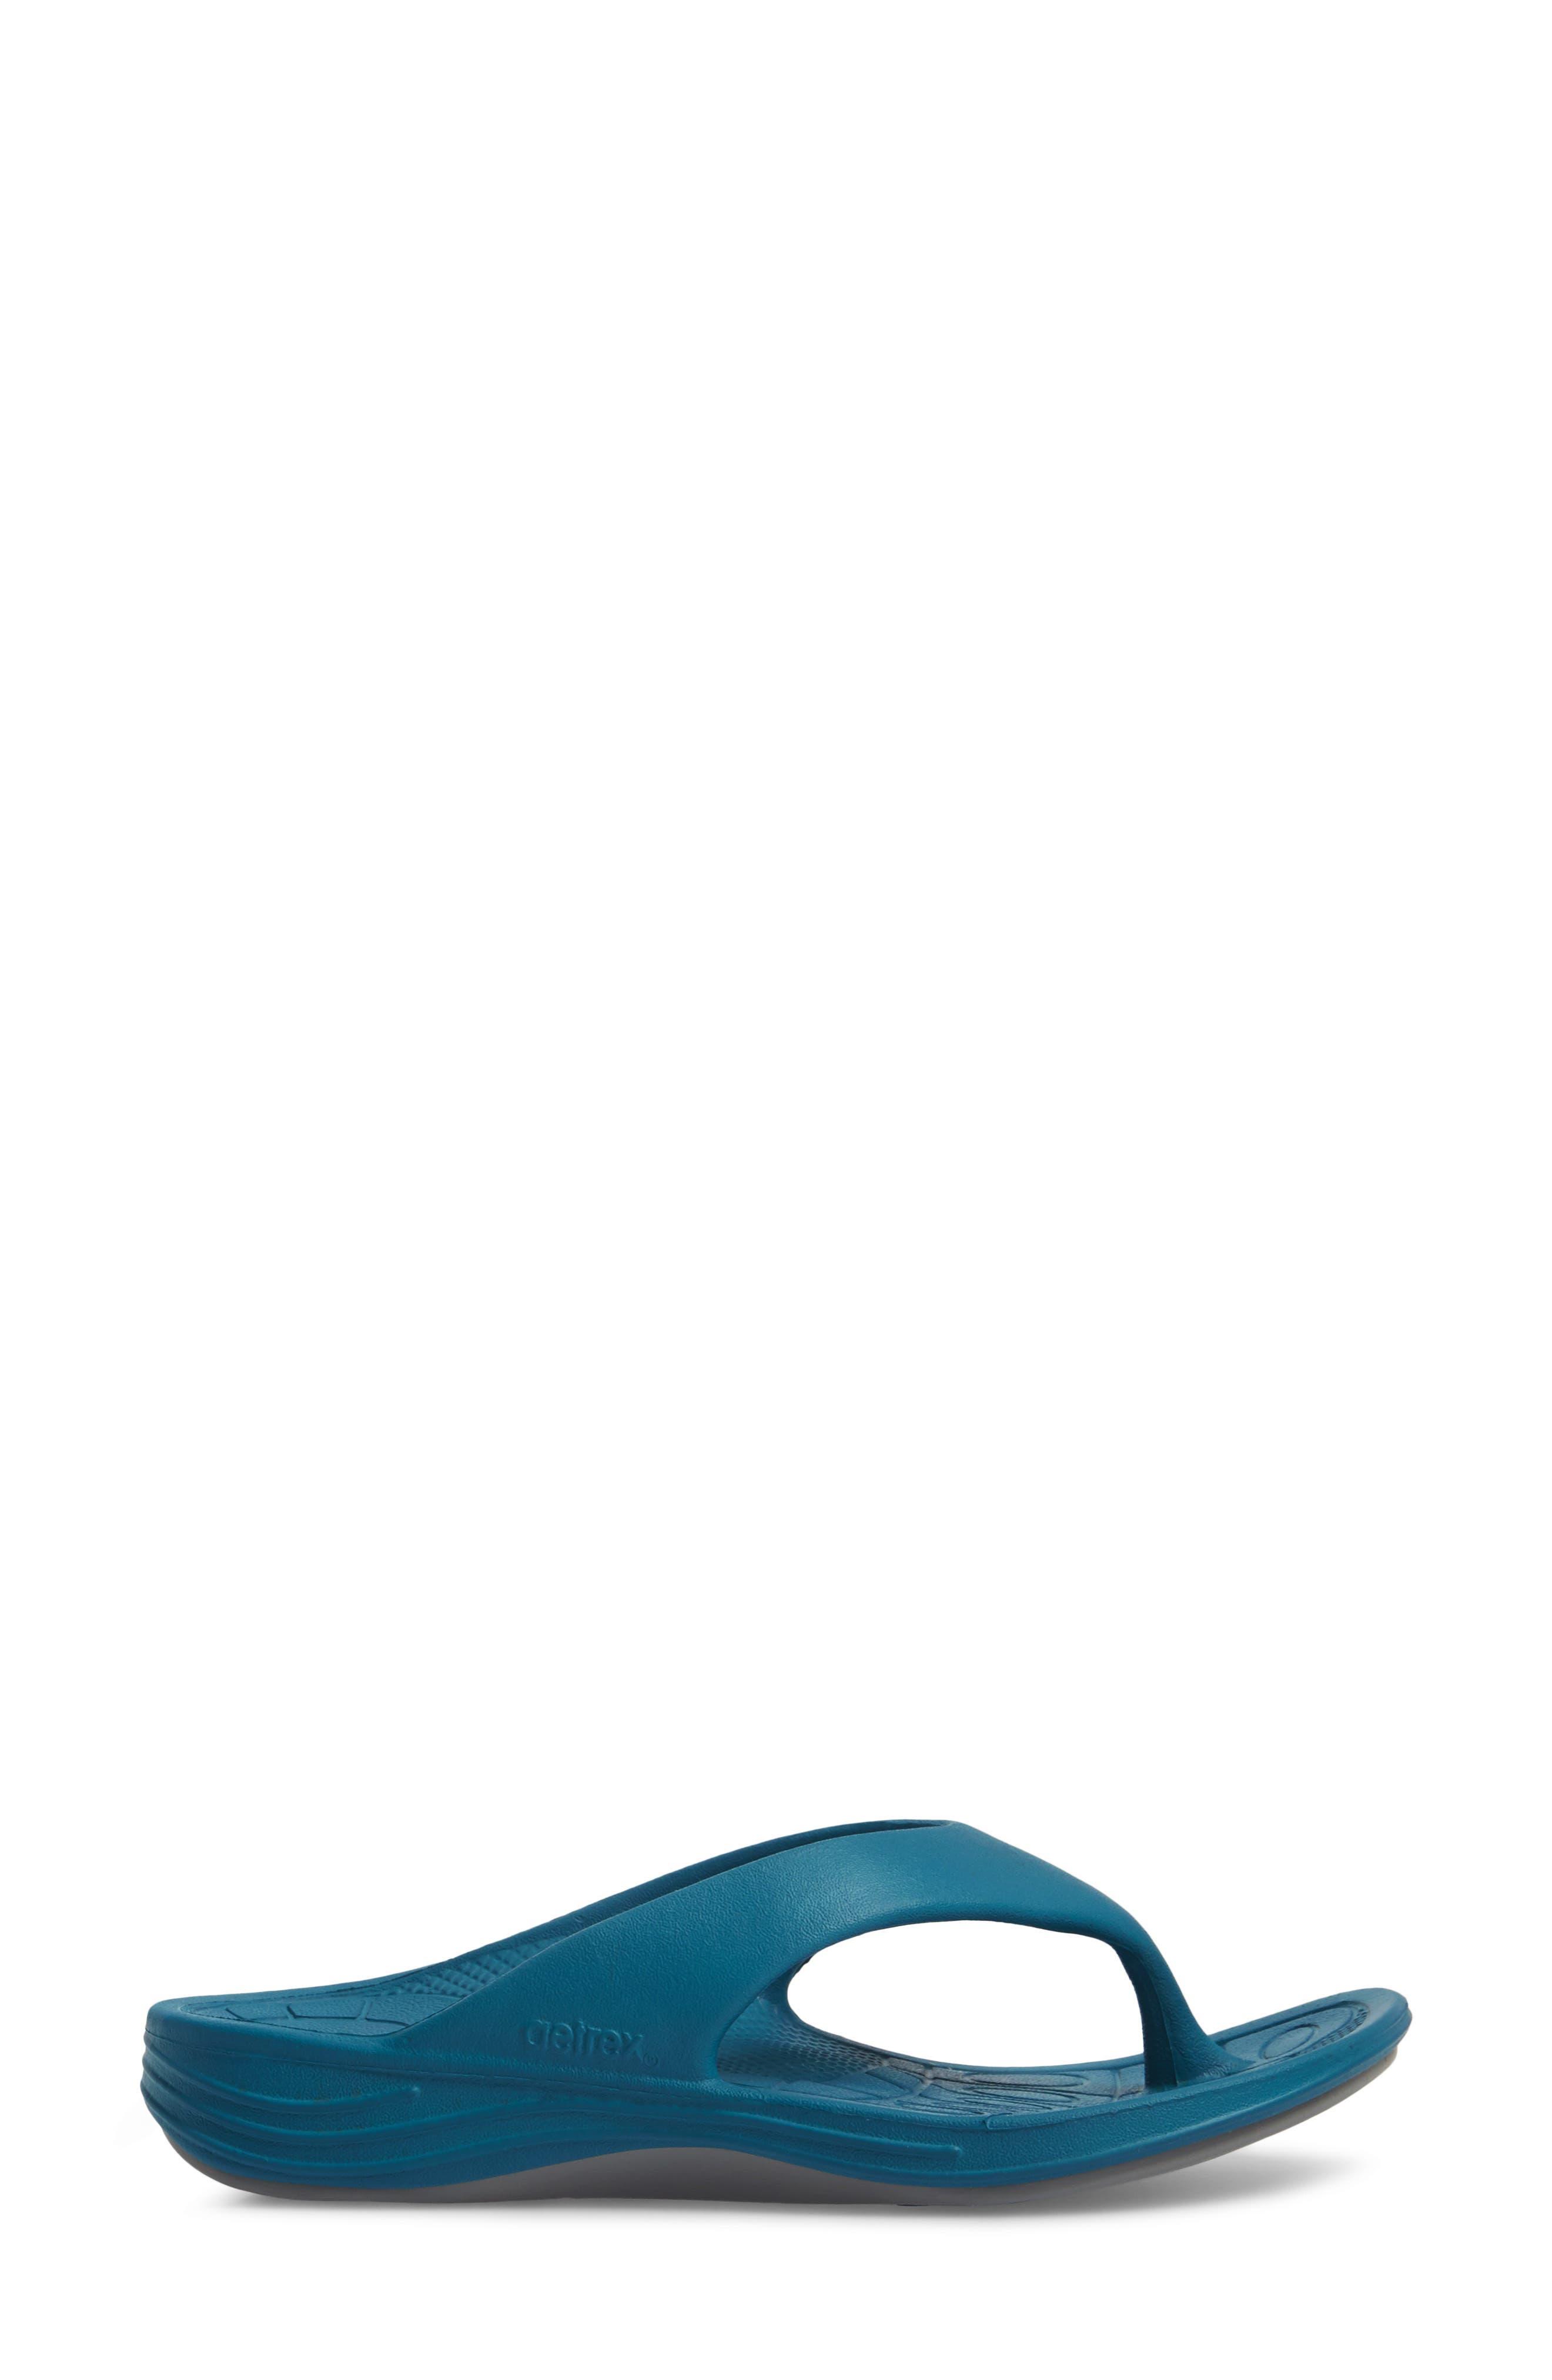 Lynco Flip Flop,                             Alternate thumbnail 3, color,                             Blue